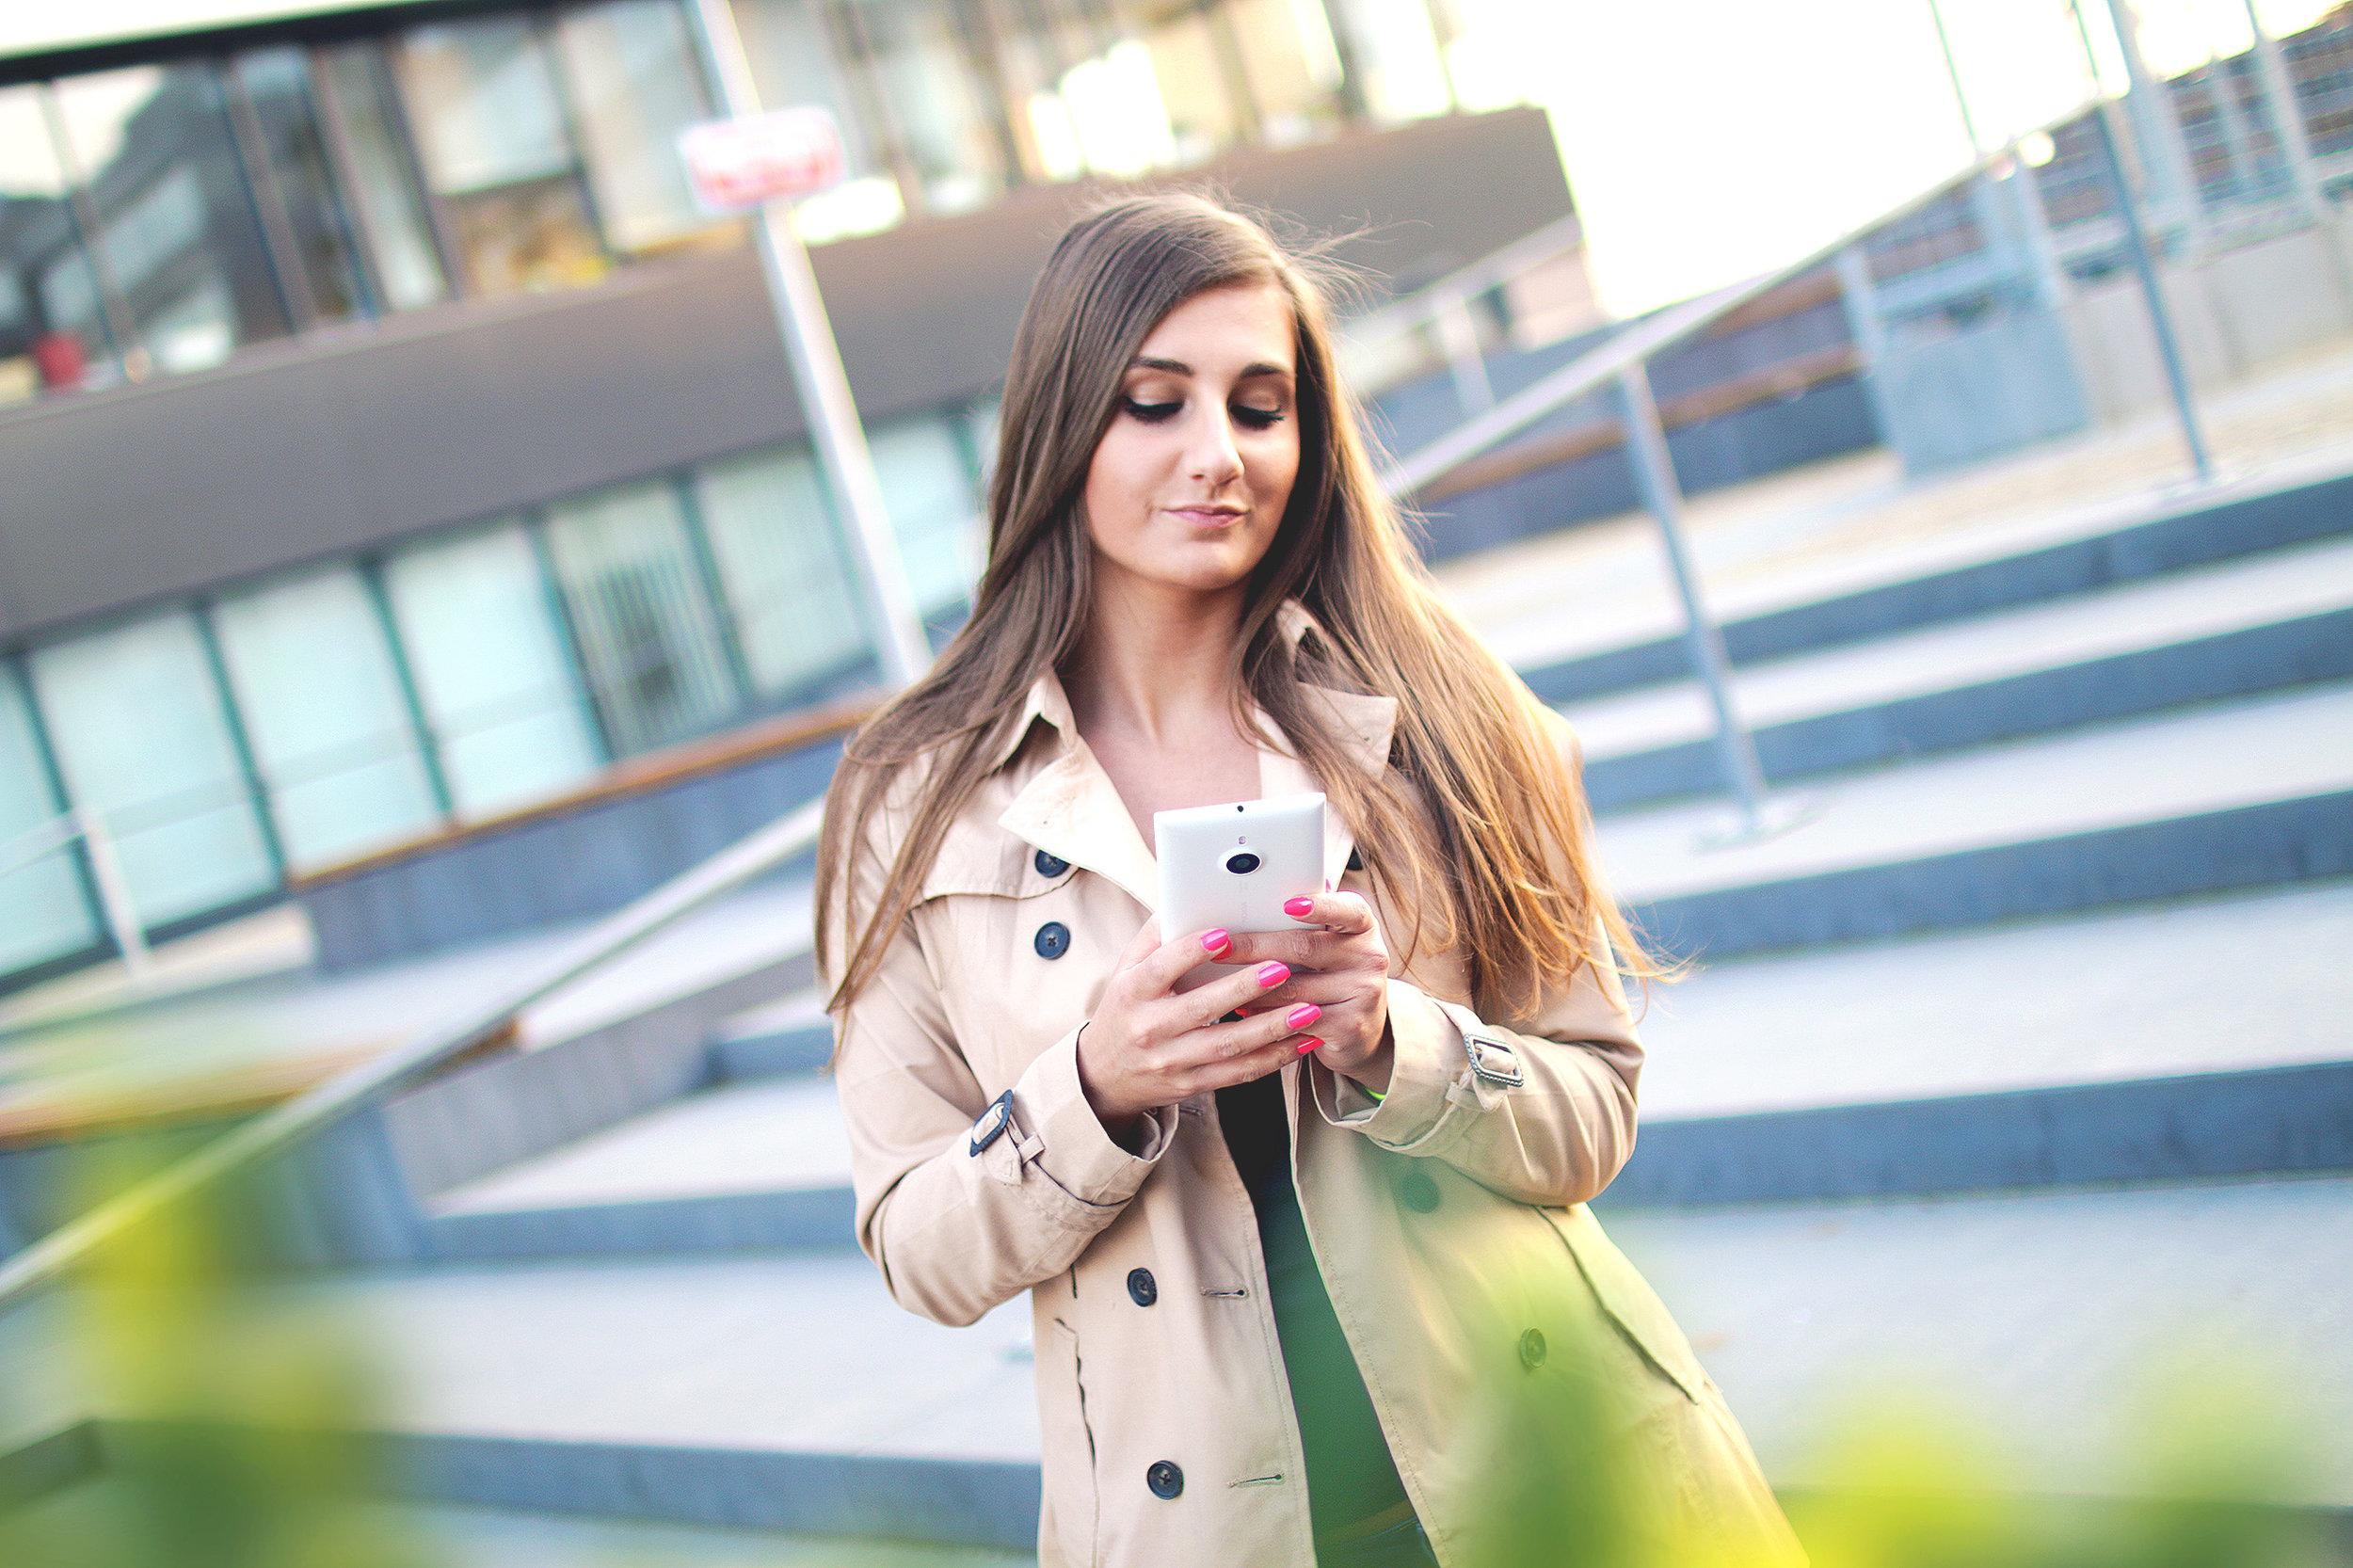 girl looking at phone.jpg